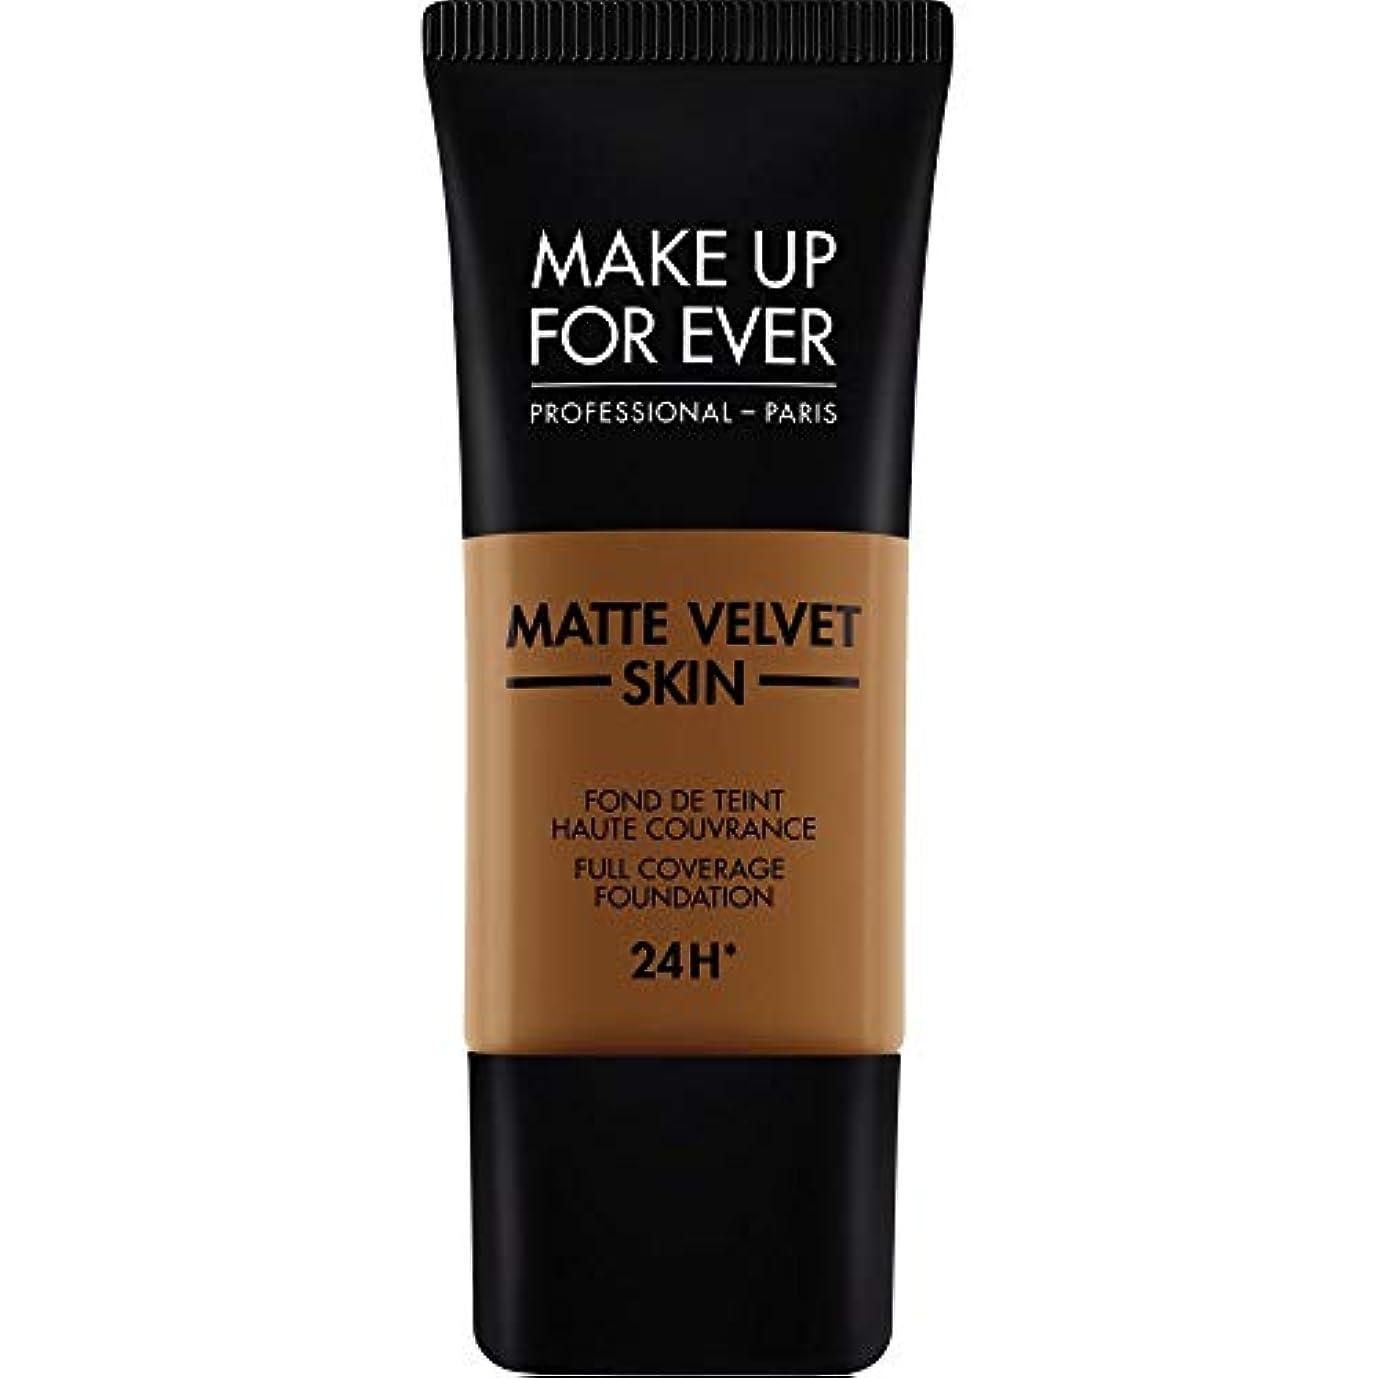 刑務所カスタム代替[MAKE UP FOR EVER] これまでマットベルベットの皮膚のフルカバレッジ基礎30ミリリットルのR530を補う - ブラウン - MAKE UP FOR EVER Matte Velvet Skin Full...